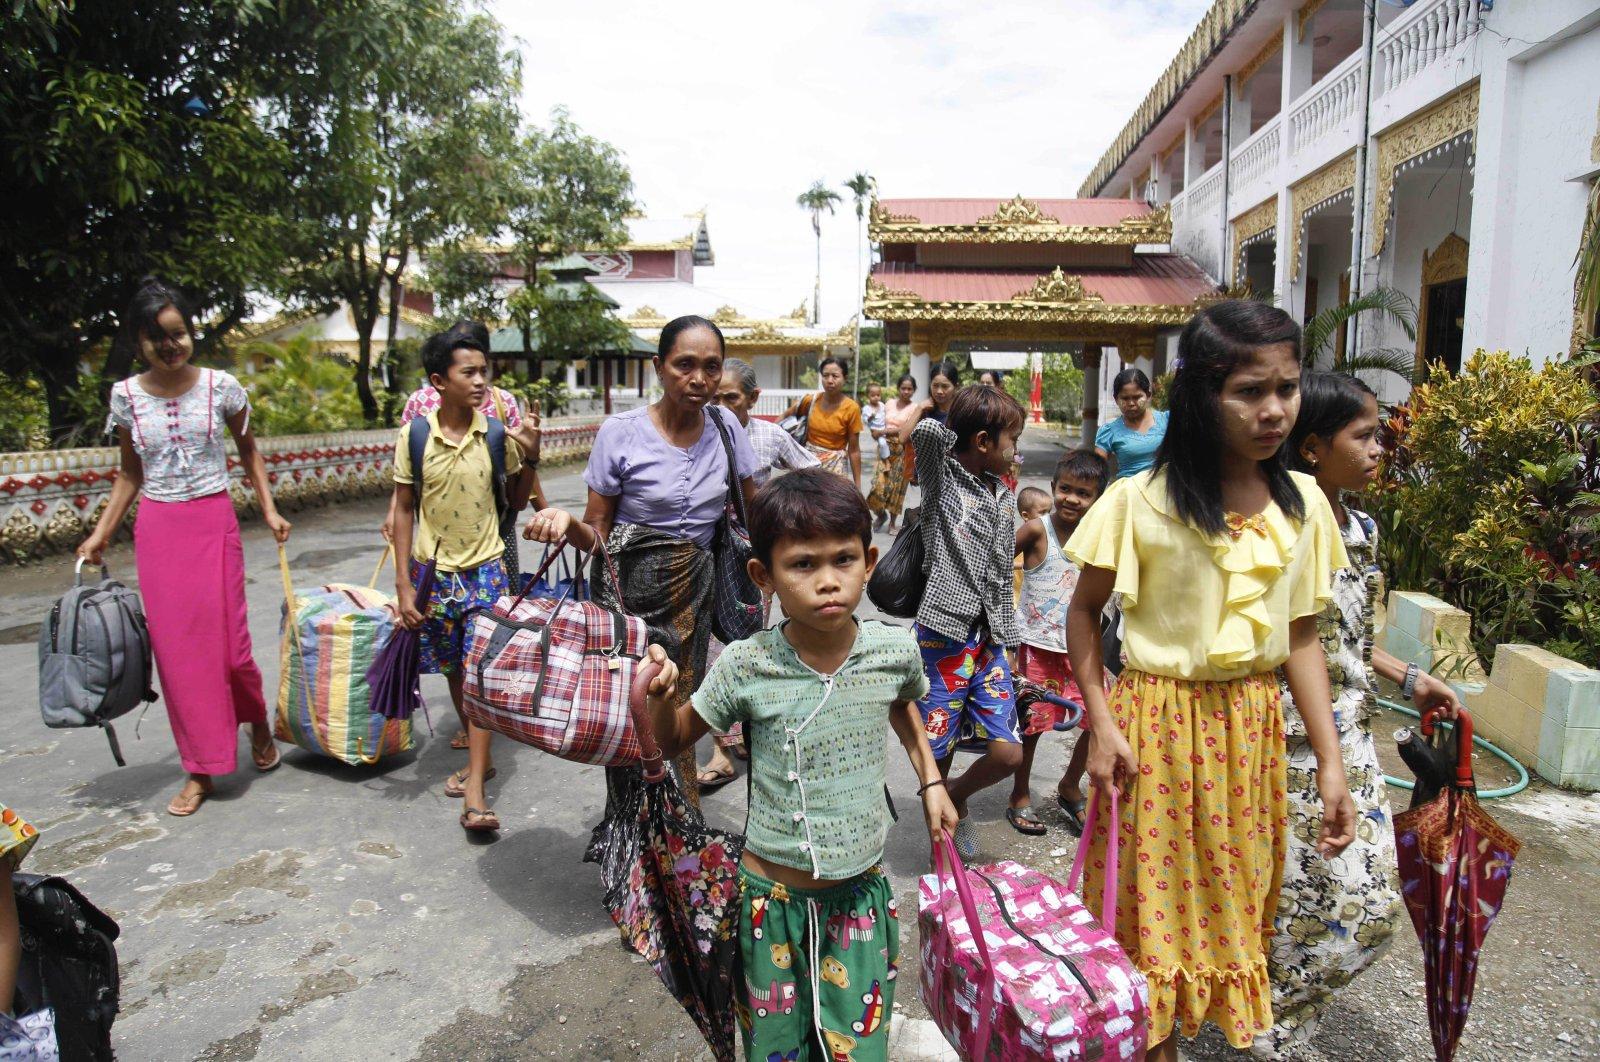 Ethnic Rakhine villagers arrive at a temporary monastery camp with their belongings, in Sittwe, Rakhine State, Myanmar, June 29, 2020. (AP Photo)